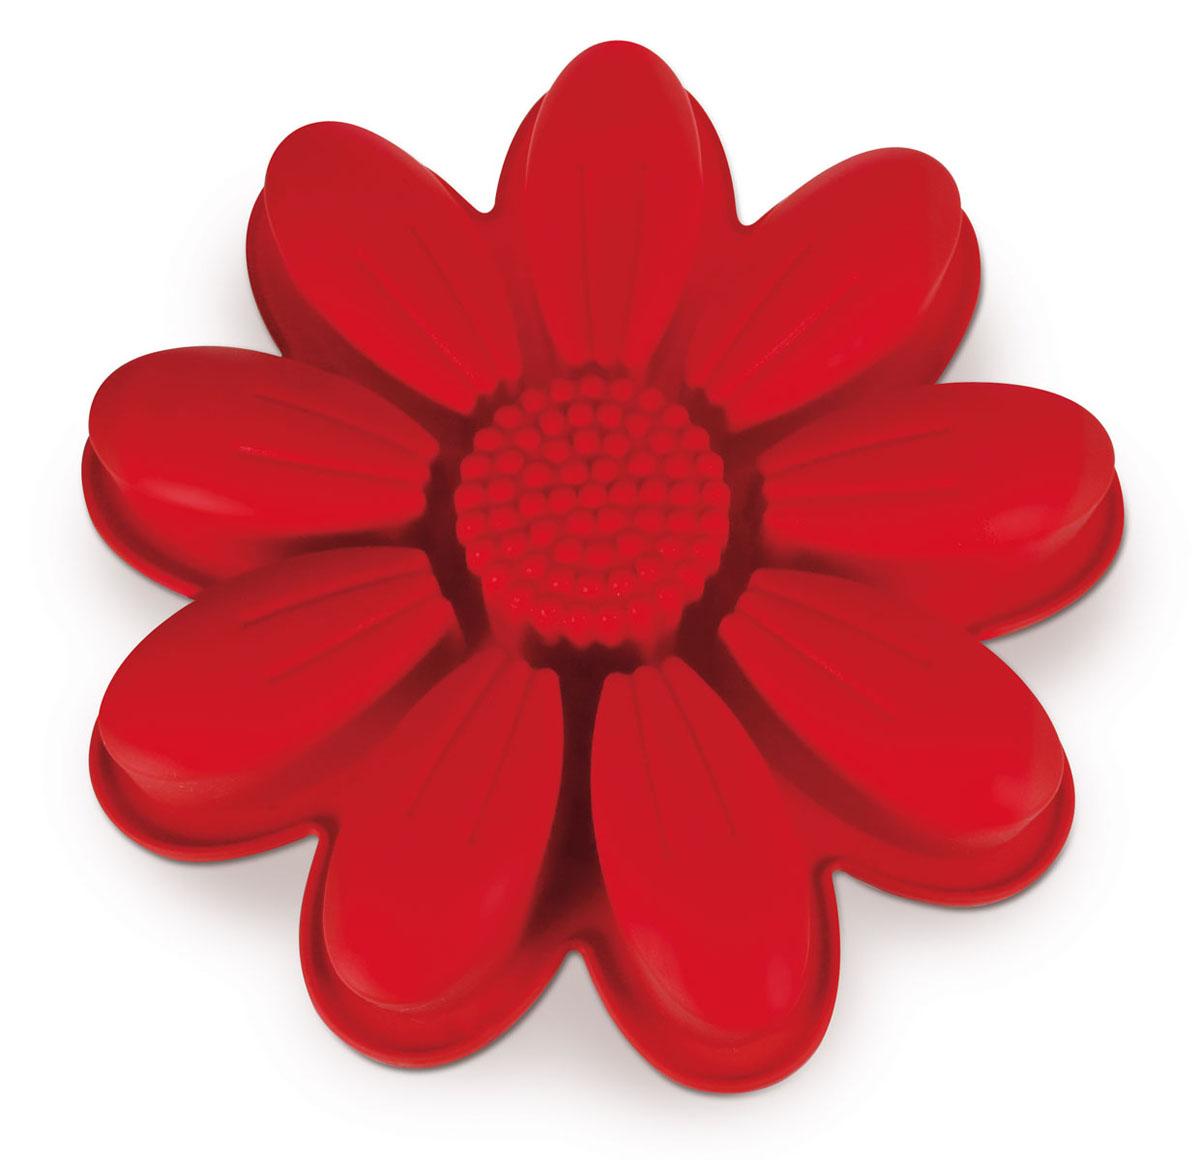 Форма для выпечки Dr.Oetker Flexxibel, цвет: красный, диаметр 27 см2189Форма Dr.Oetker Flexxibel будет отличным выбором для всех любителей выпечки. Благодаря тому, что форма изготовлена из силикона, готовую выпечку вынимать легко и просто. Изделие выполнено в форме подсолнуха. Форма прекрасно подходит для выпечки различных десертов. Это порционная форма для приготовления нескольких небольших порций. Она идеальна для одновременного приготовления в одной форме нескольких блюд на различные вкусы. С такой формой вы всегда сможете порадовать своих близких оригинальной выпечкой. Материал изделия устойчив к фруктовым кислотам, может быть использован в духовках, микроволновых печах, холодильниках и морозильных камерах (выдерживает температуру от -25°C до 250°C). Антипригарные свойства материала позволяют готовить без использования масла. Можно мыть и сушить в посудомоечной машине. При работе с формой используйте кухонный инструмент из силикона - кисти, лопатки, скребки. Не ставьте форму на электрическую...